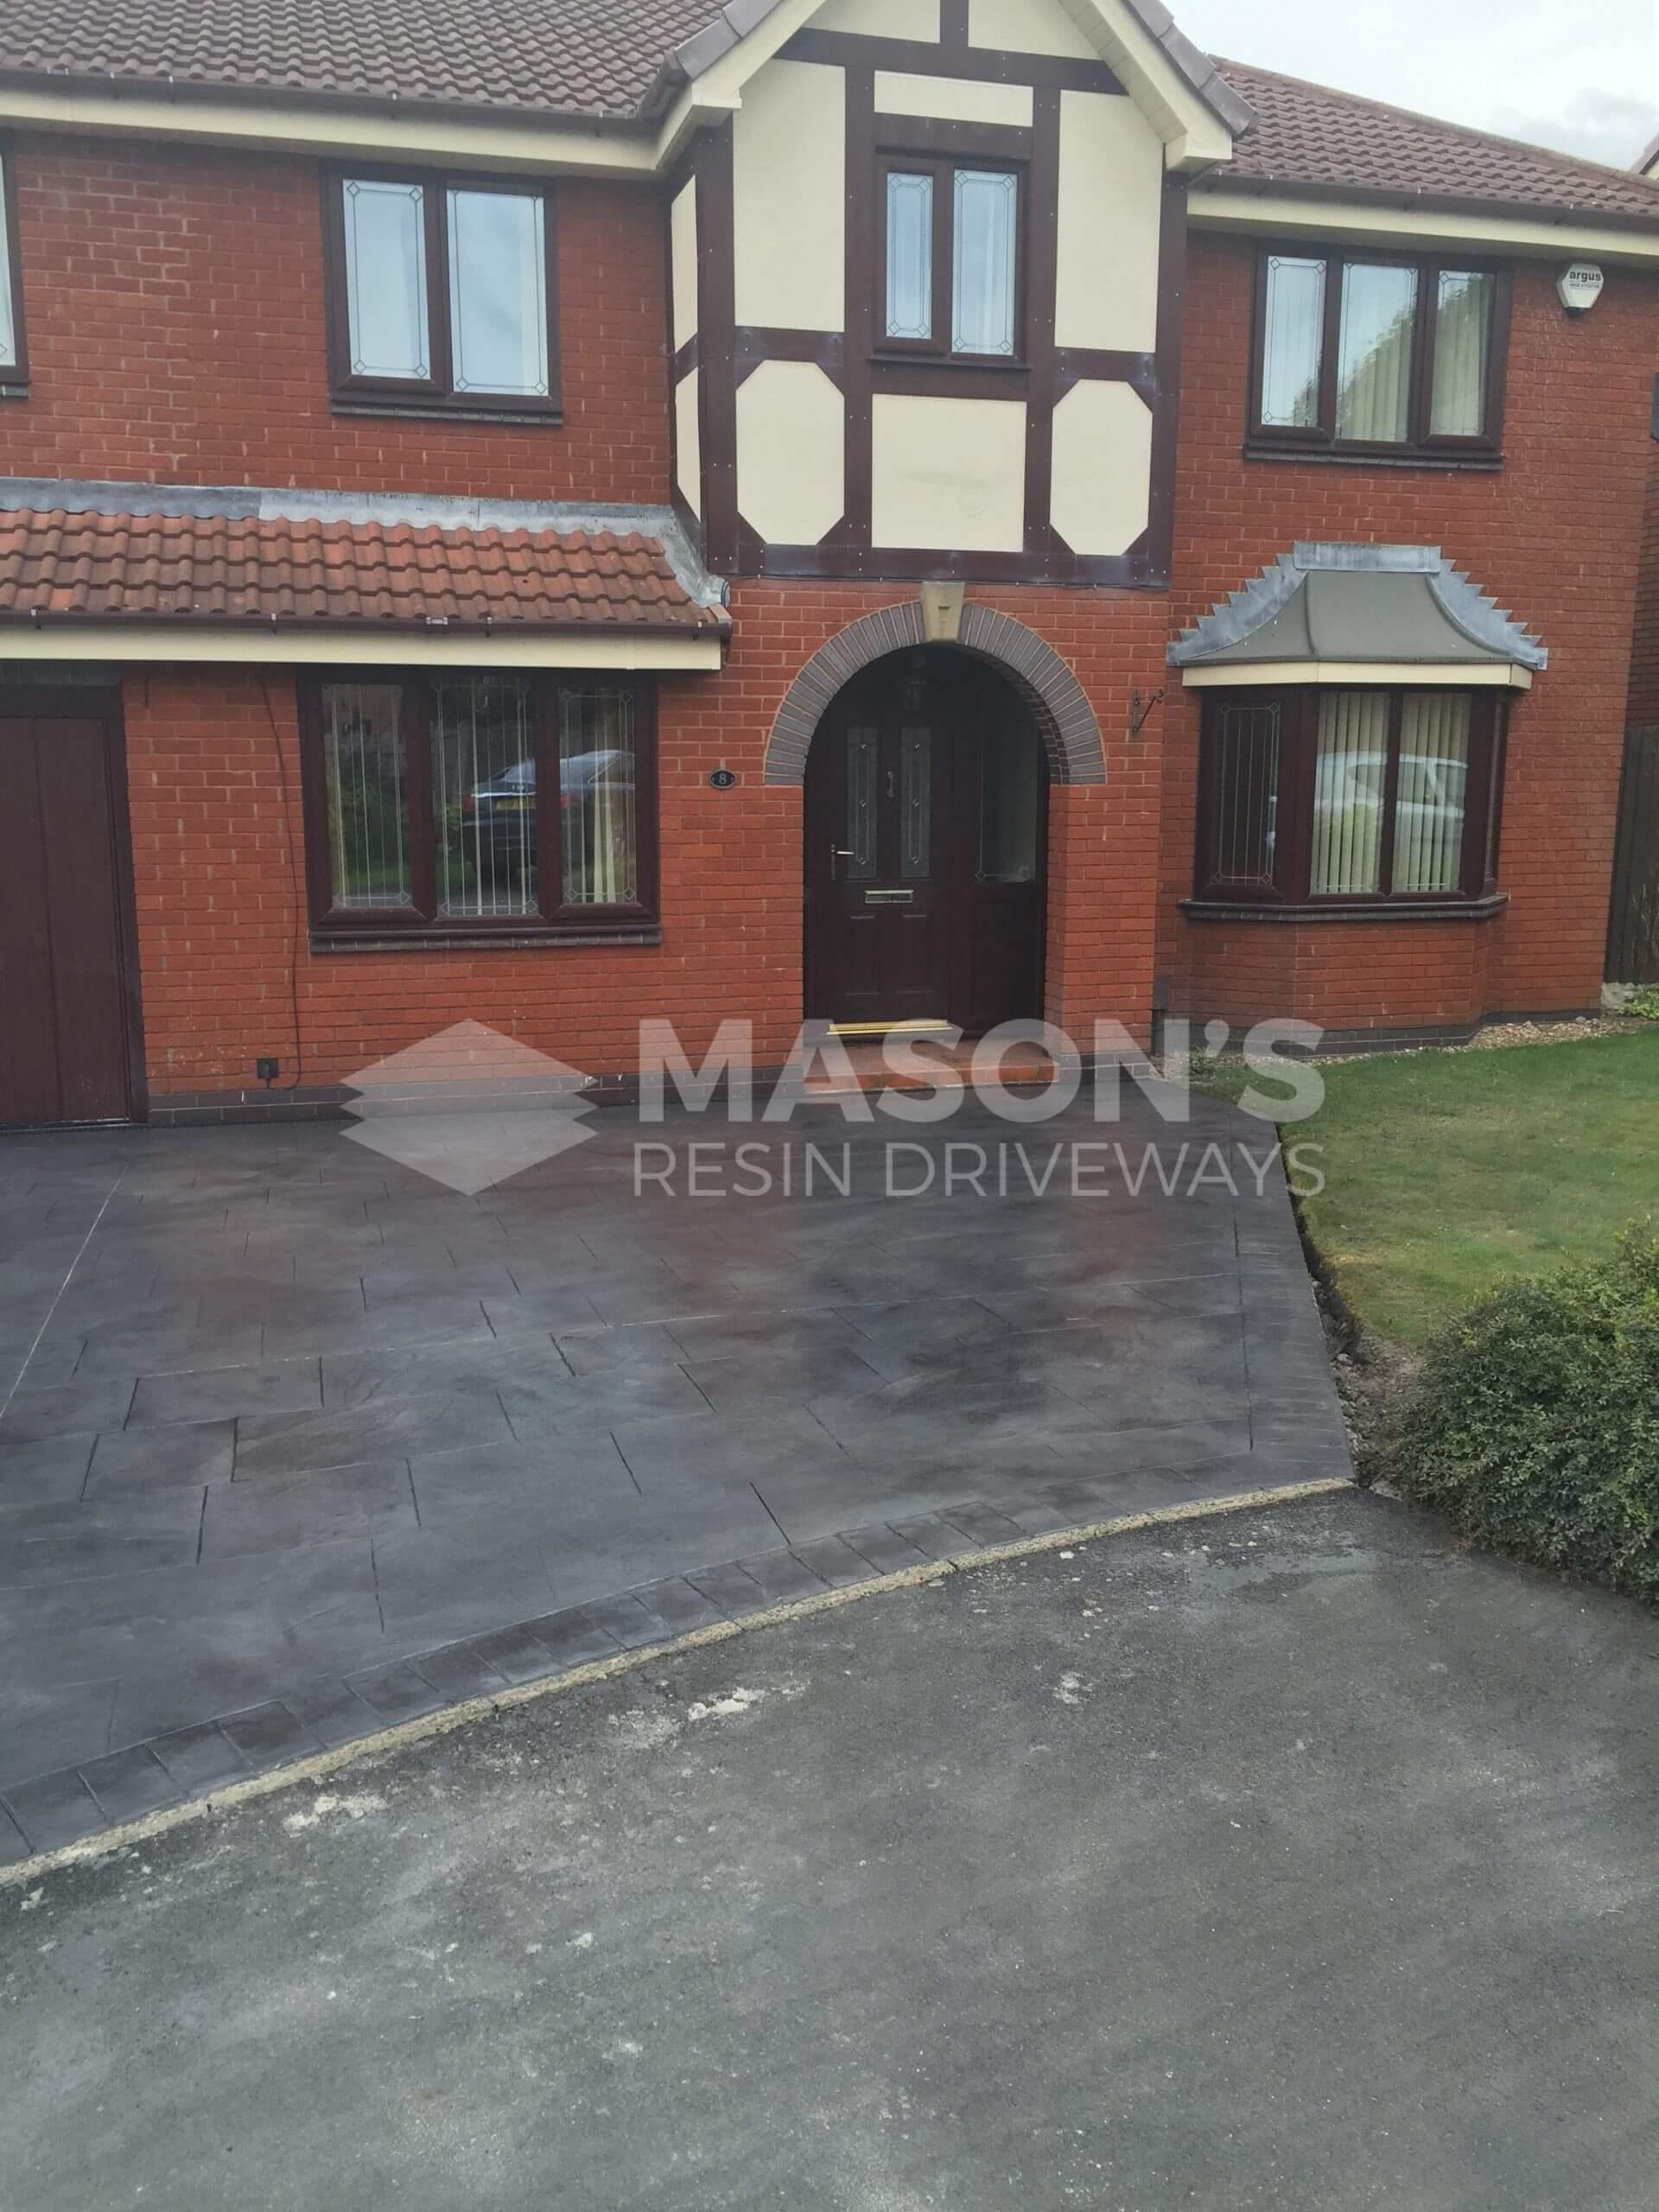 pattern imprinted concrete driveway preston, lancashire